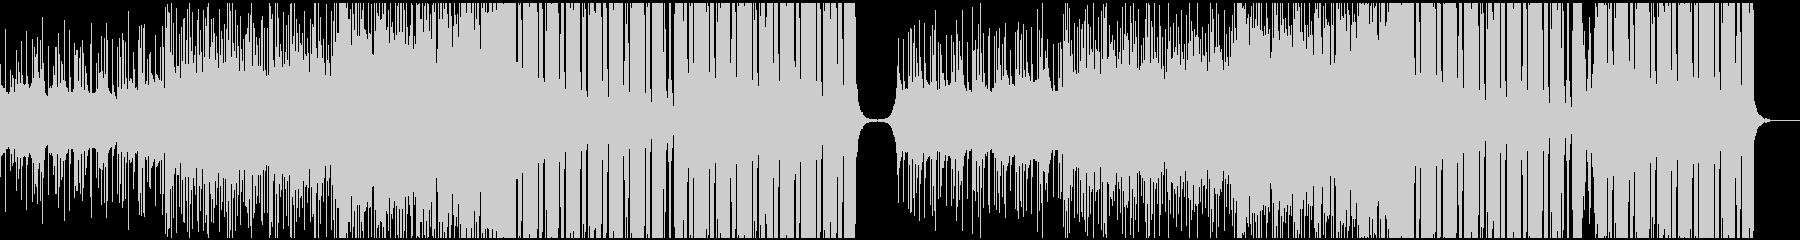 壮大で切ない系のEDMの未再生の波形